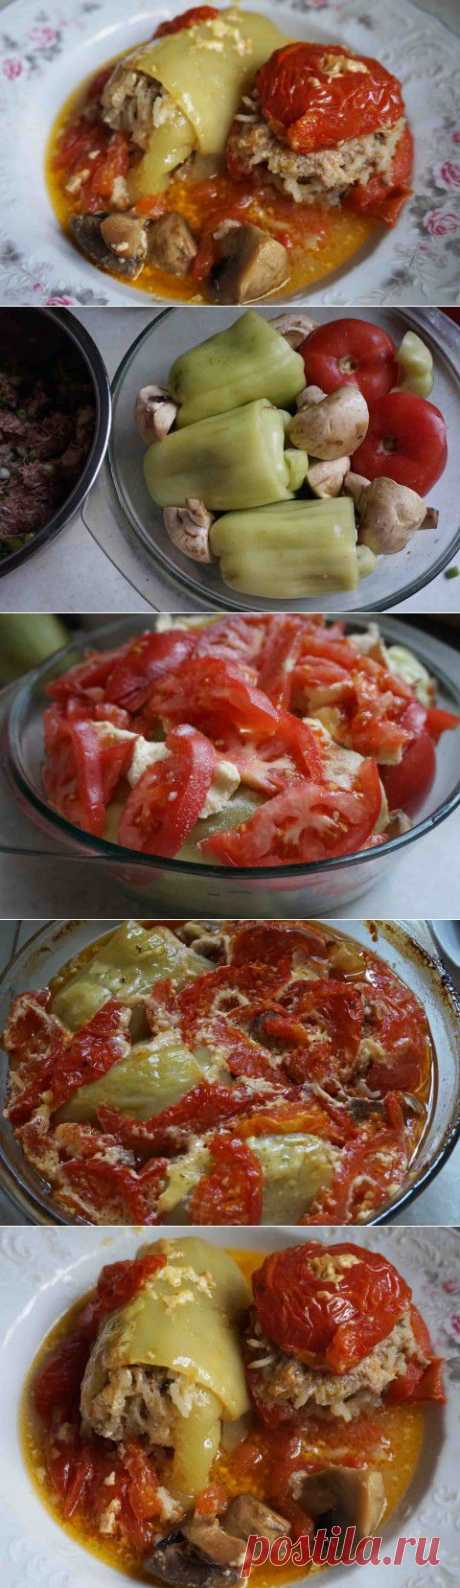 Фаршированные перцы и помидоры   Давай поговорим